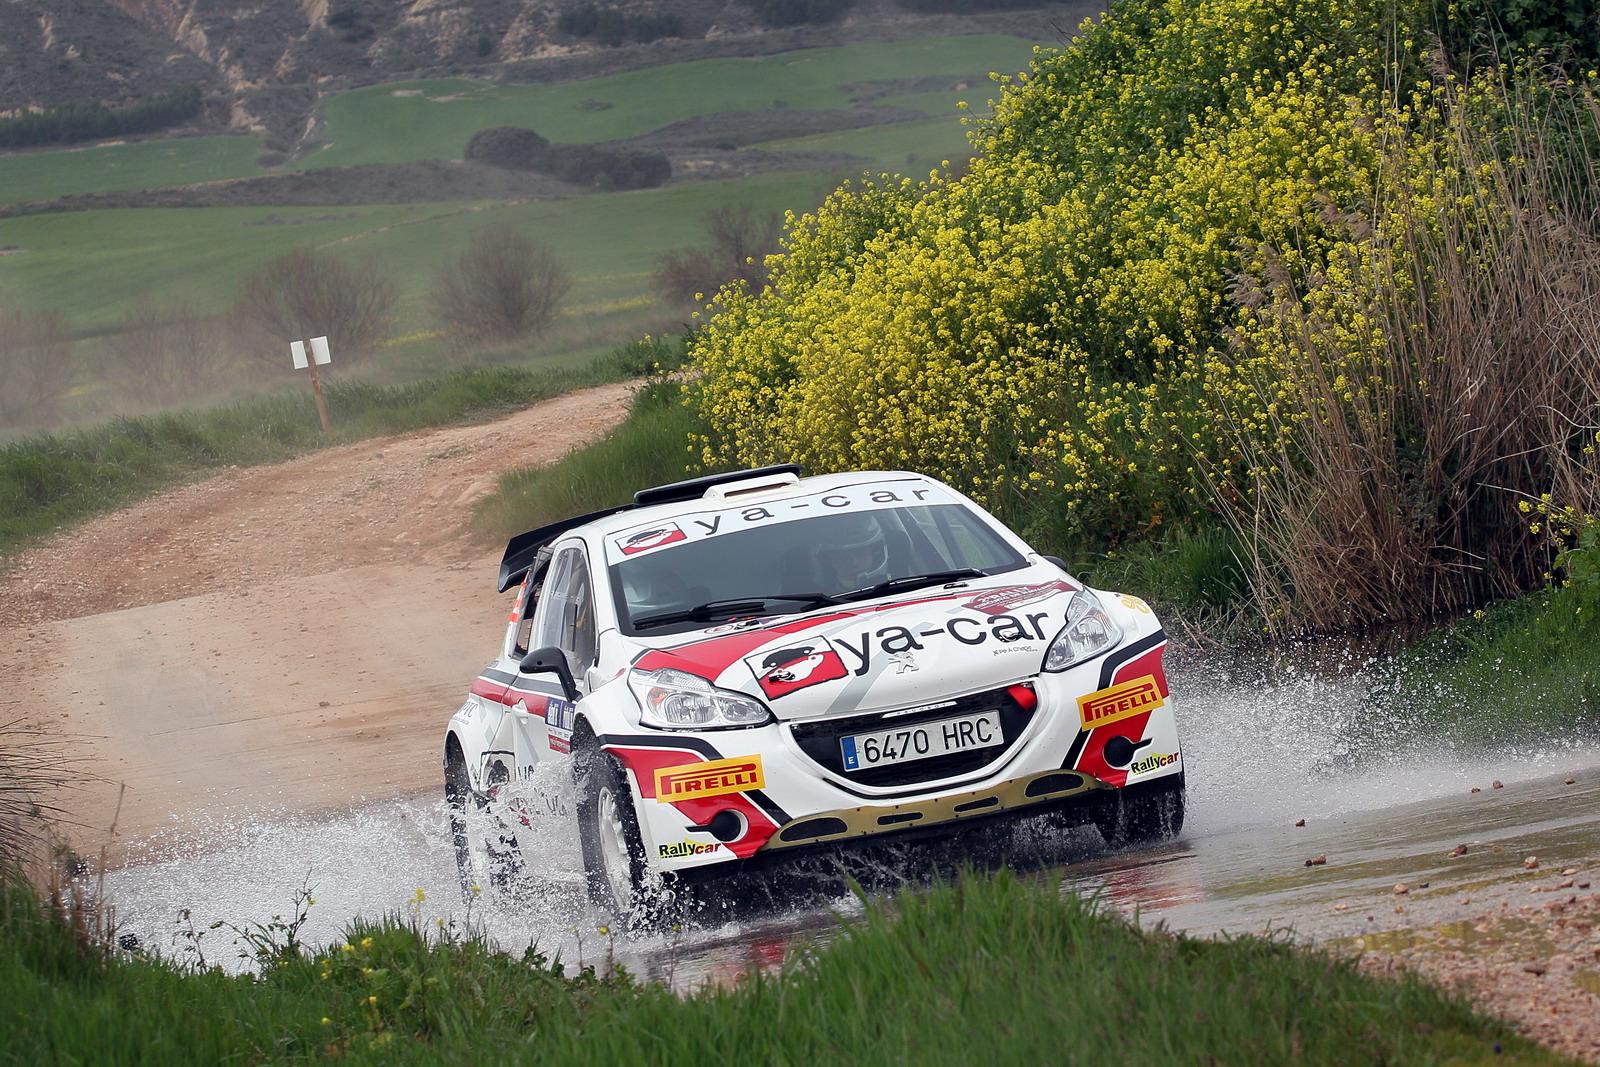 Circuito Navarra : Rallye de tierra circuito de navarra autocross yacarcross